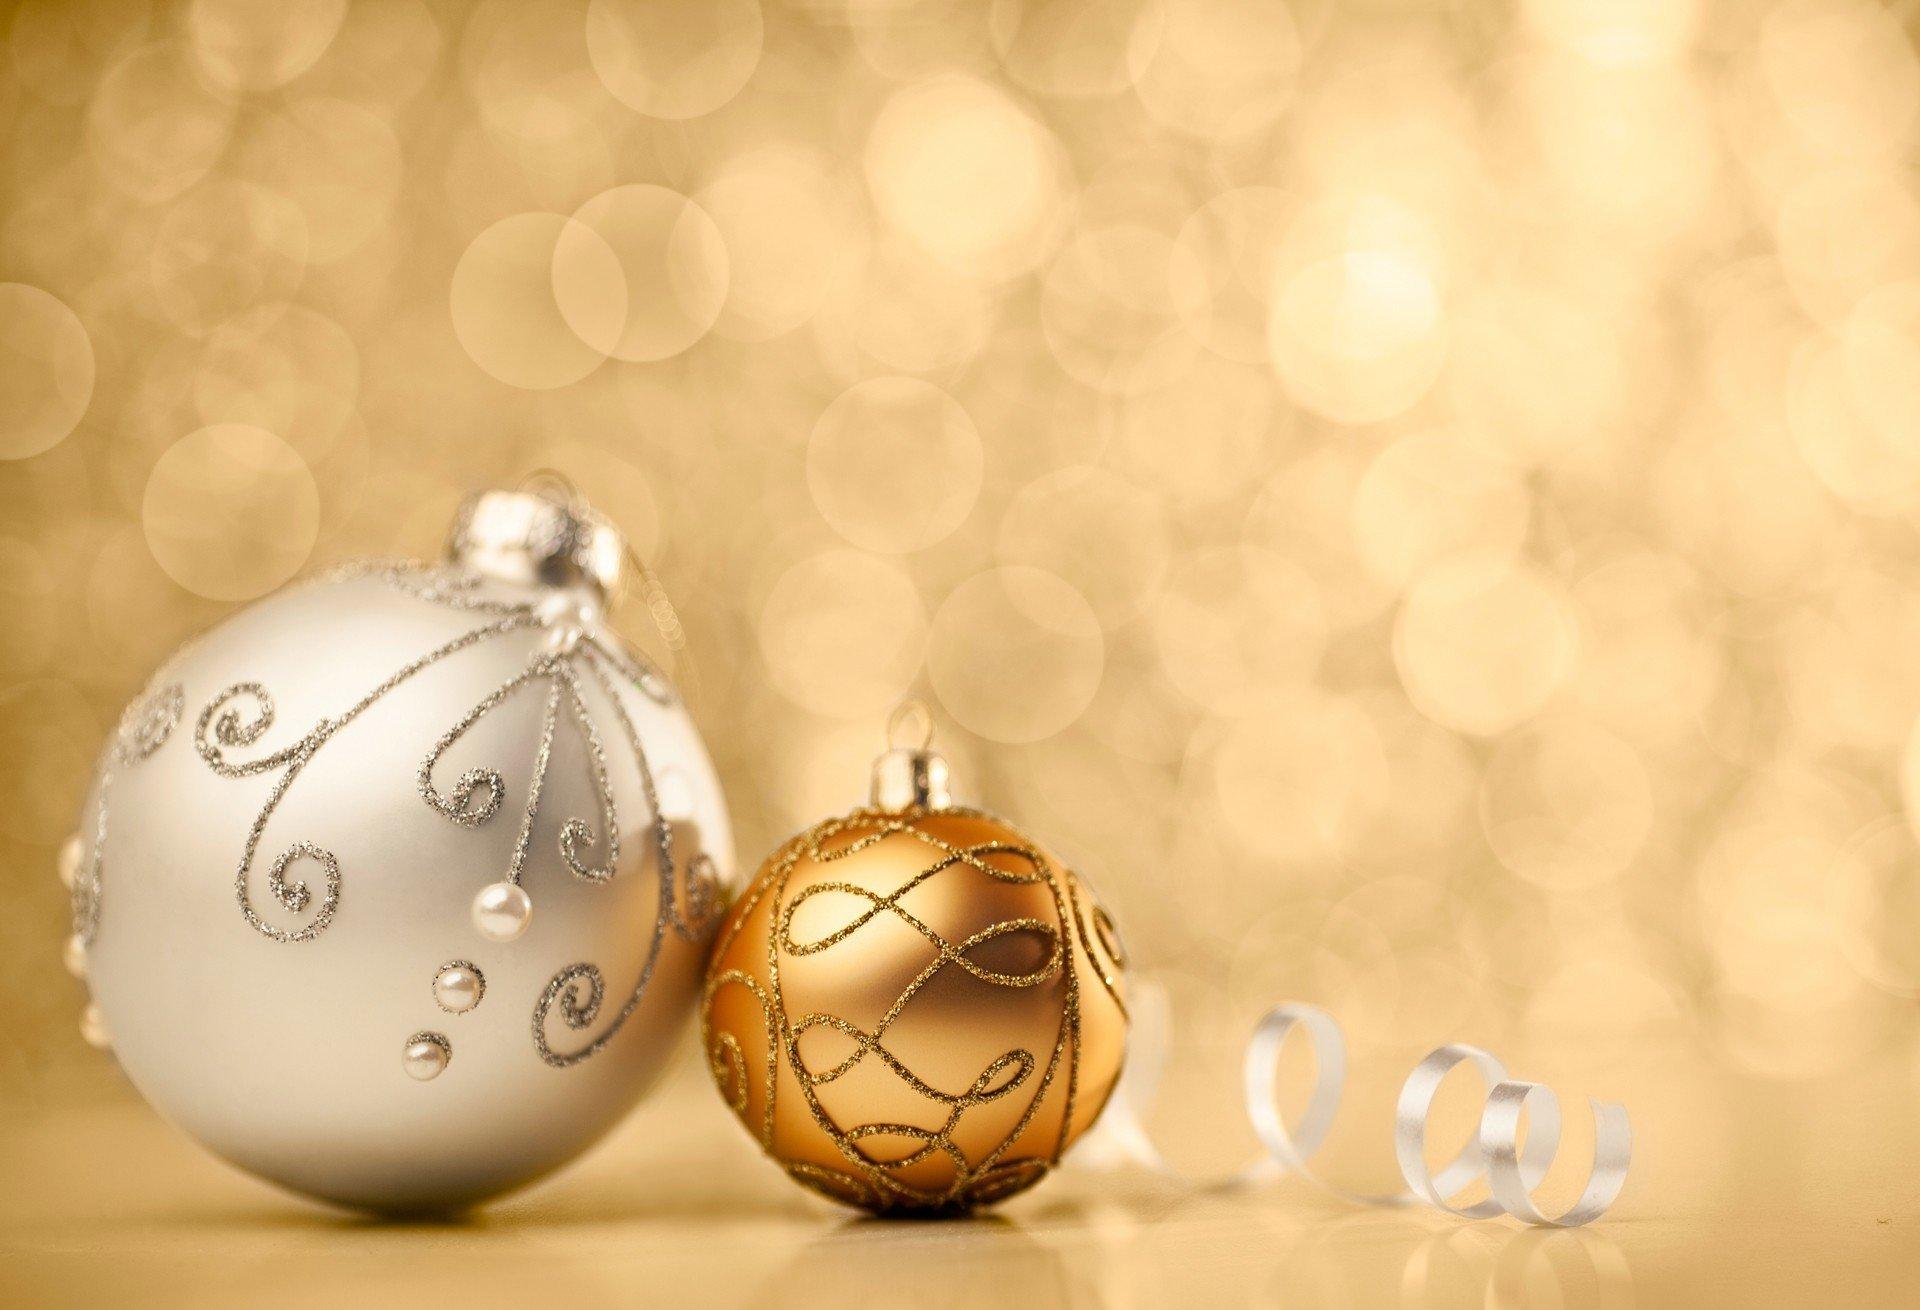 Urlaub Weihnachten 2019 Günstig.Kurzurlaub Weihnachten 4 Hotel Angebote Weihnachtsreisen